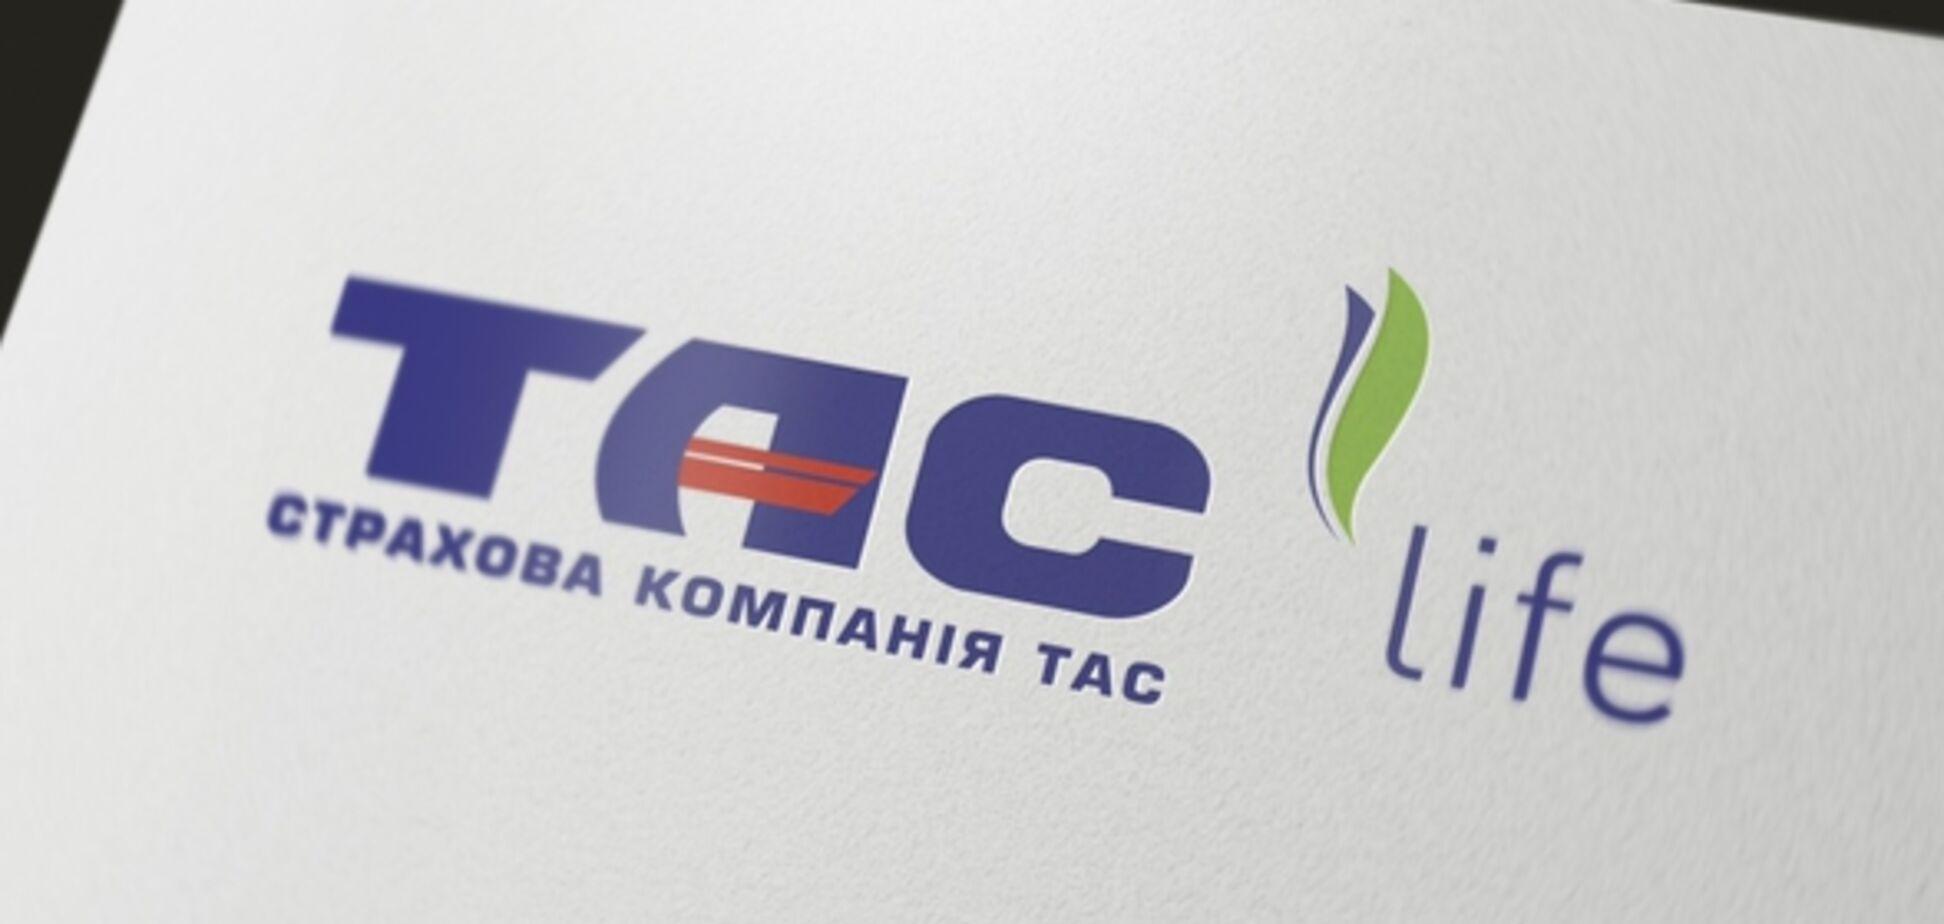 Група 'ТАС' надала фінансову допомогу АТ 'Укрпластик'